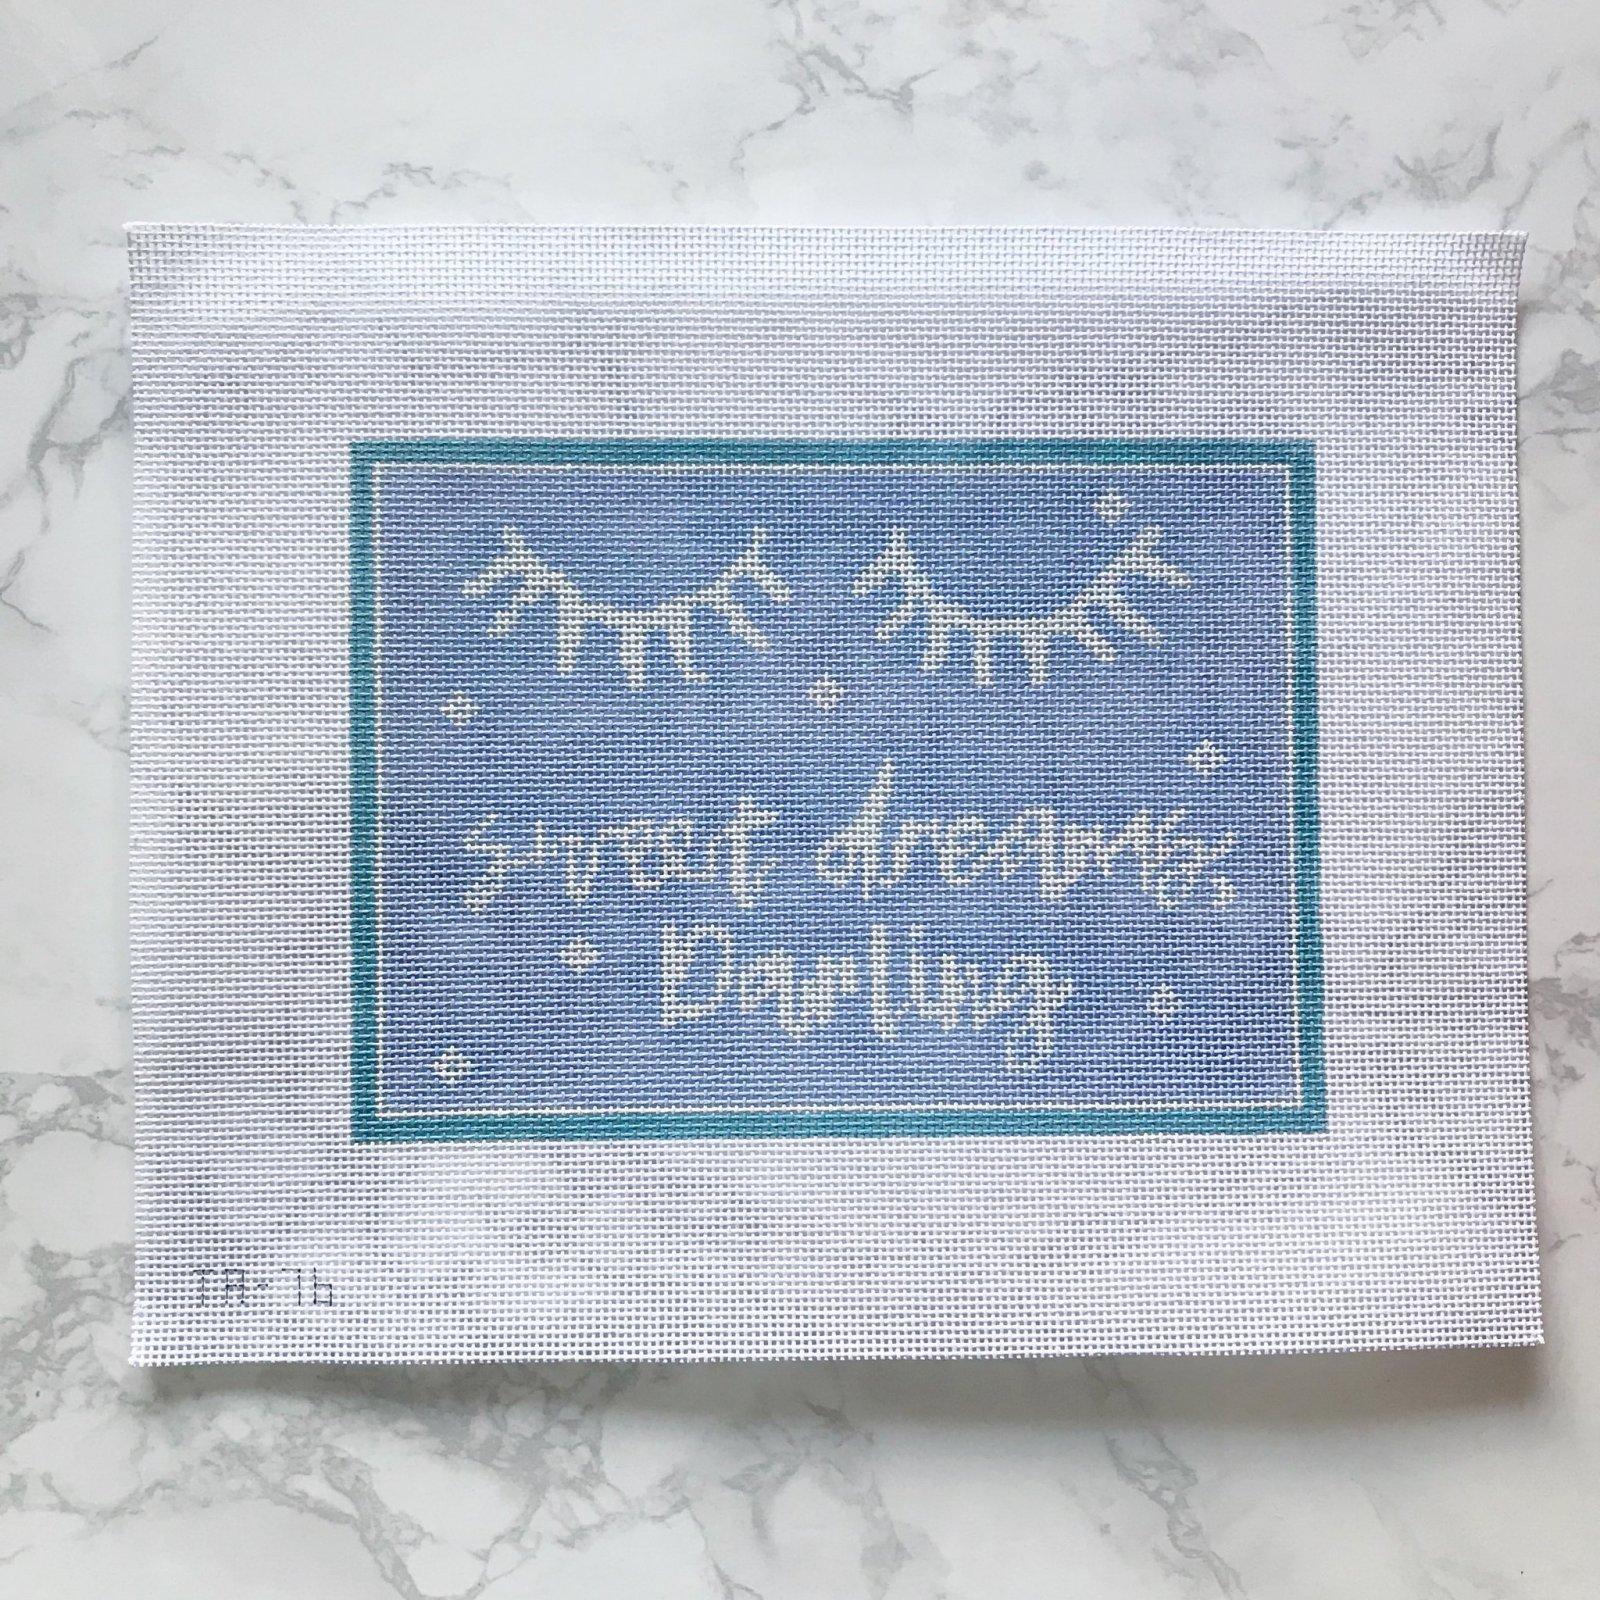 SWEET DREAMS DARLING TA76